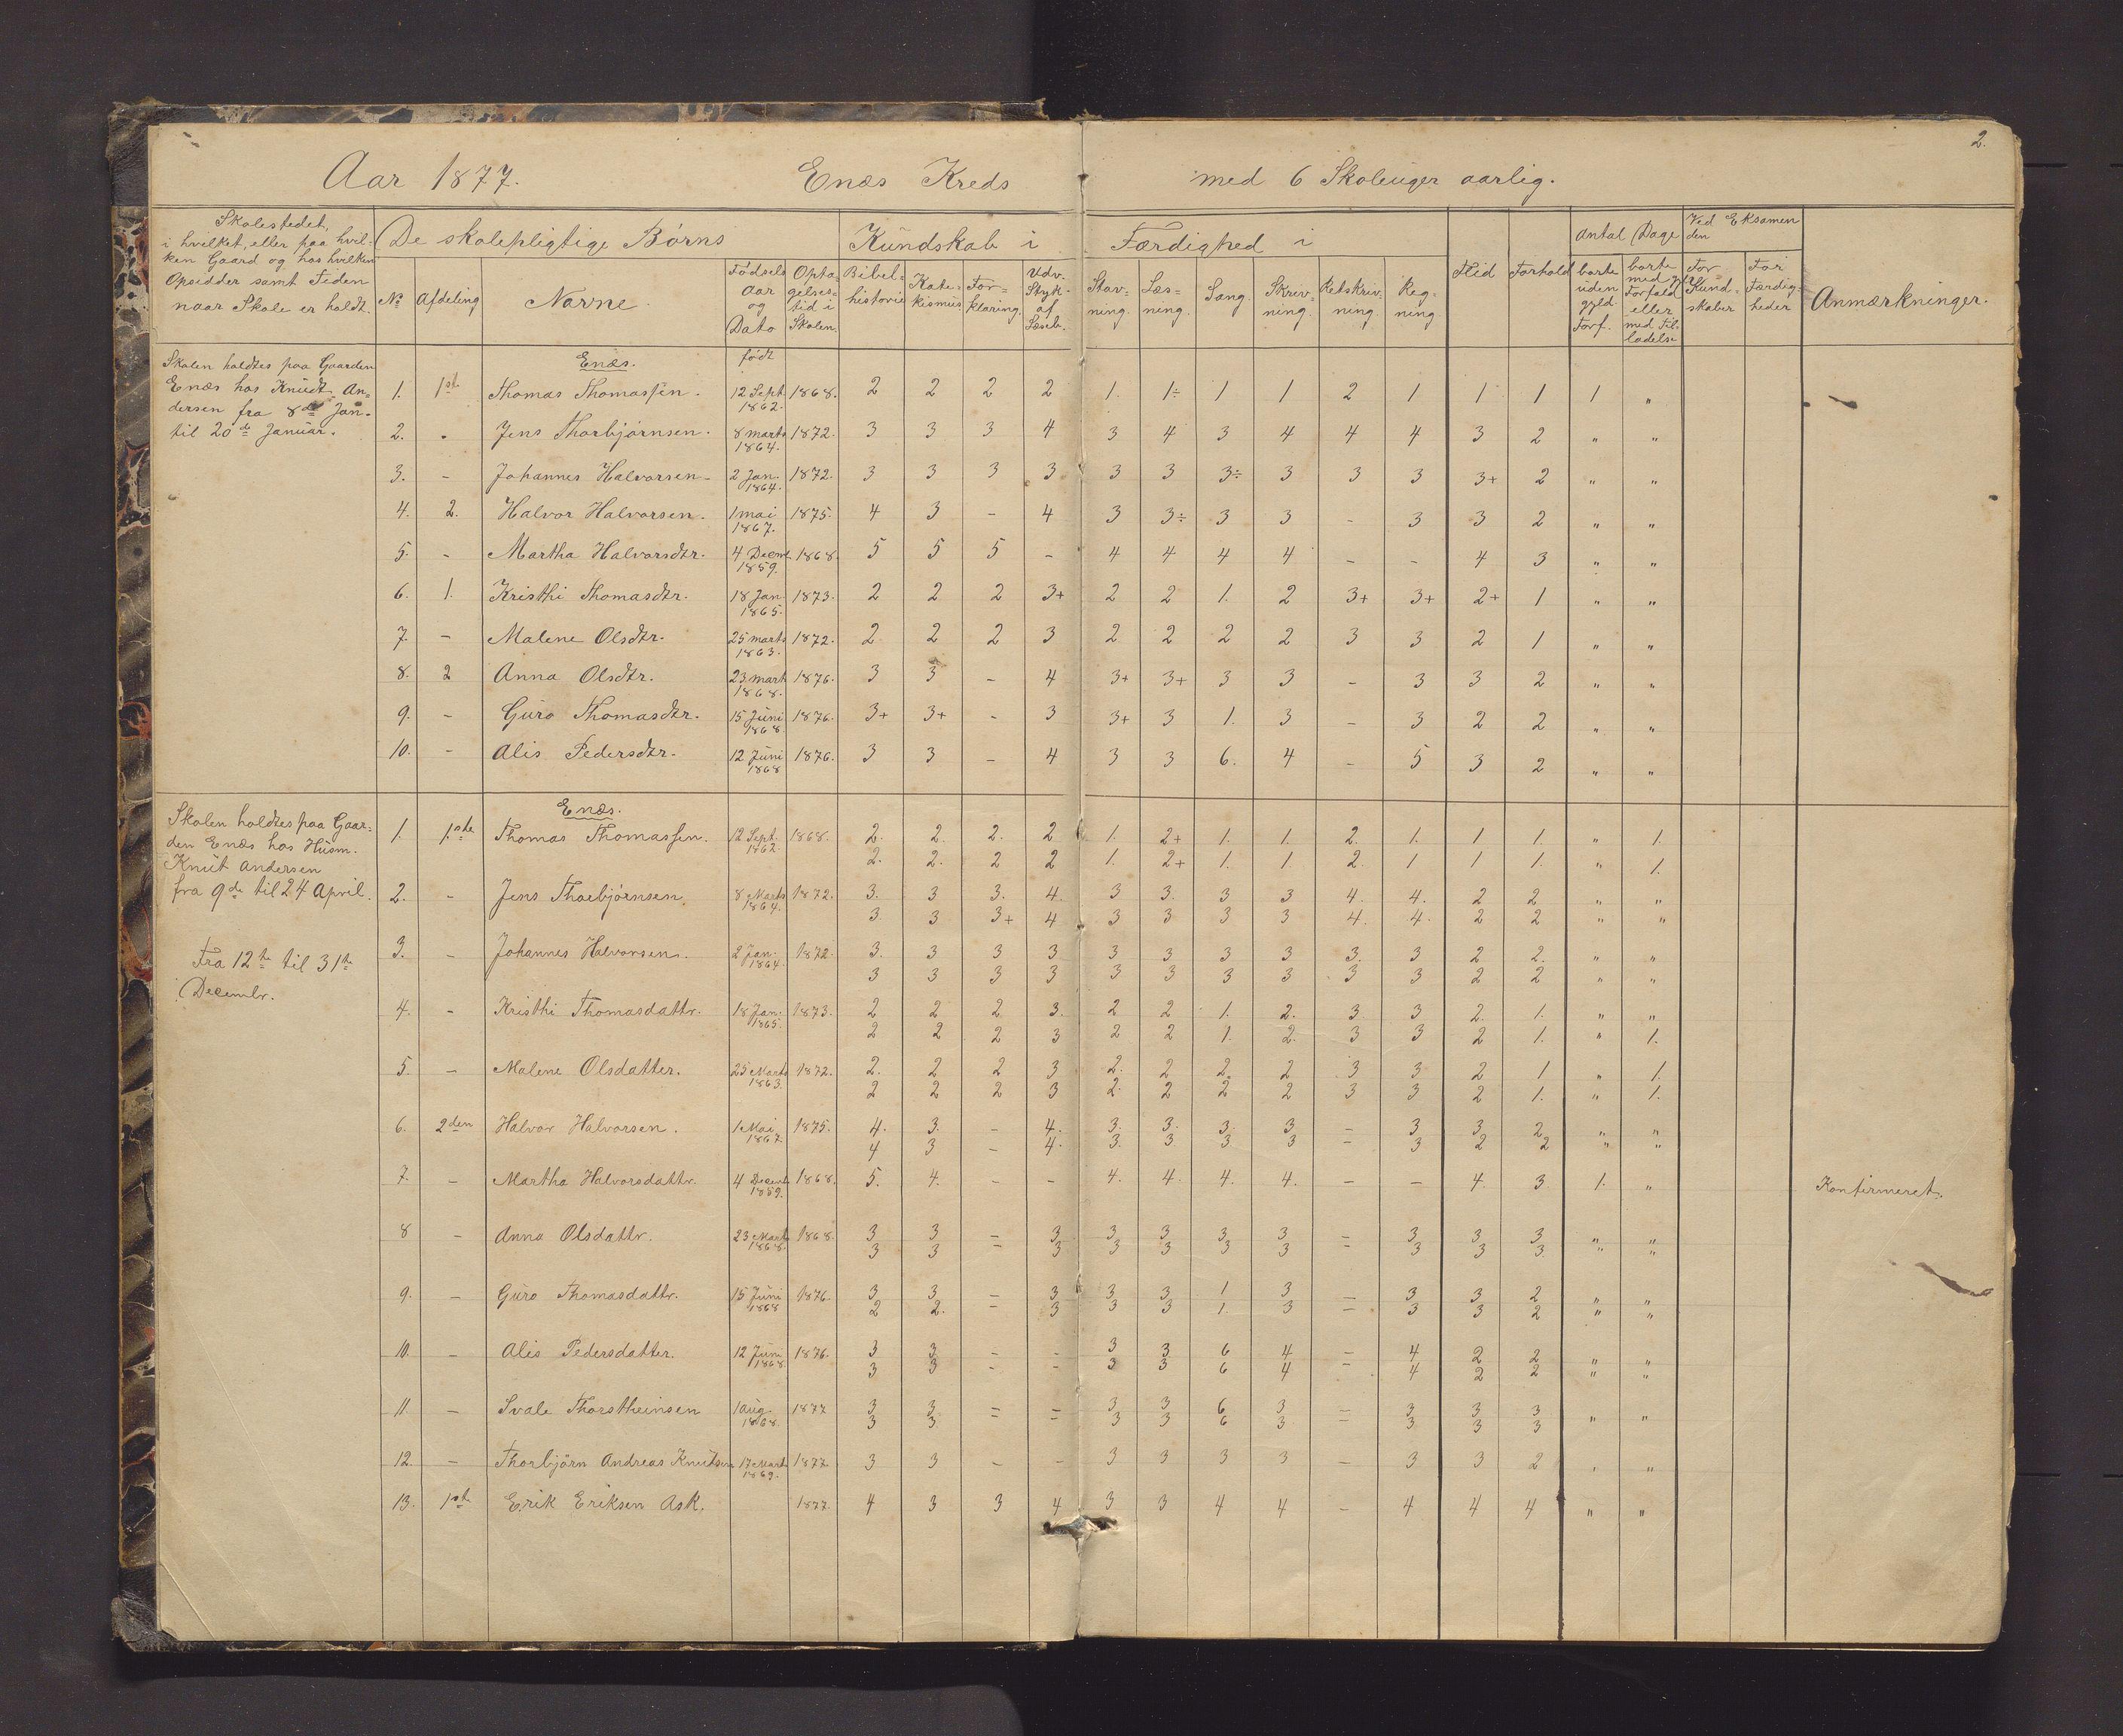 IKAH, Kvinnherad kommune. Barneskulane, F/Fd/L0006: Skuleprotokoll for Ænes, Fureberg og Tveitnes, Bondhusbygden og Austrepollen krinsar, 1877-1916, p. 2